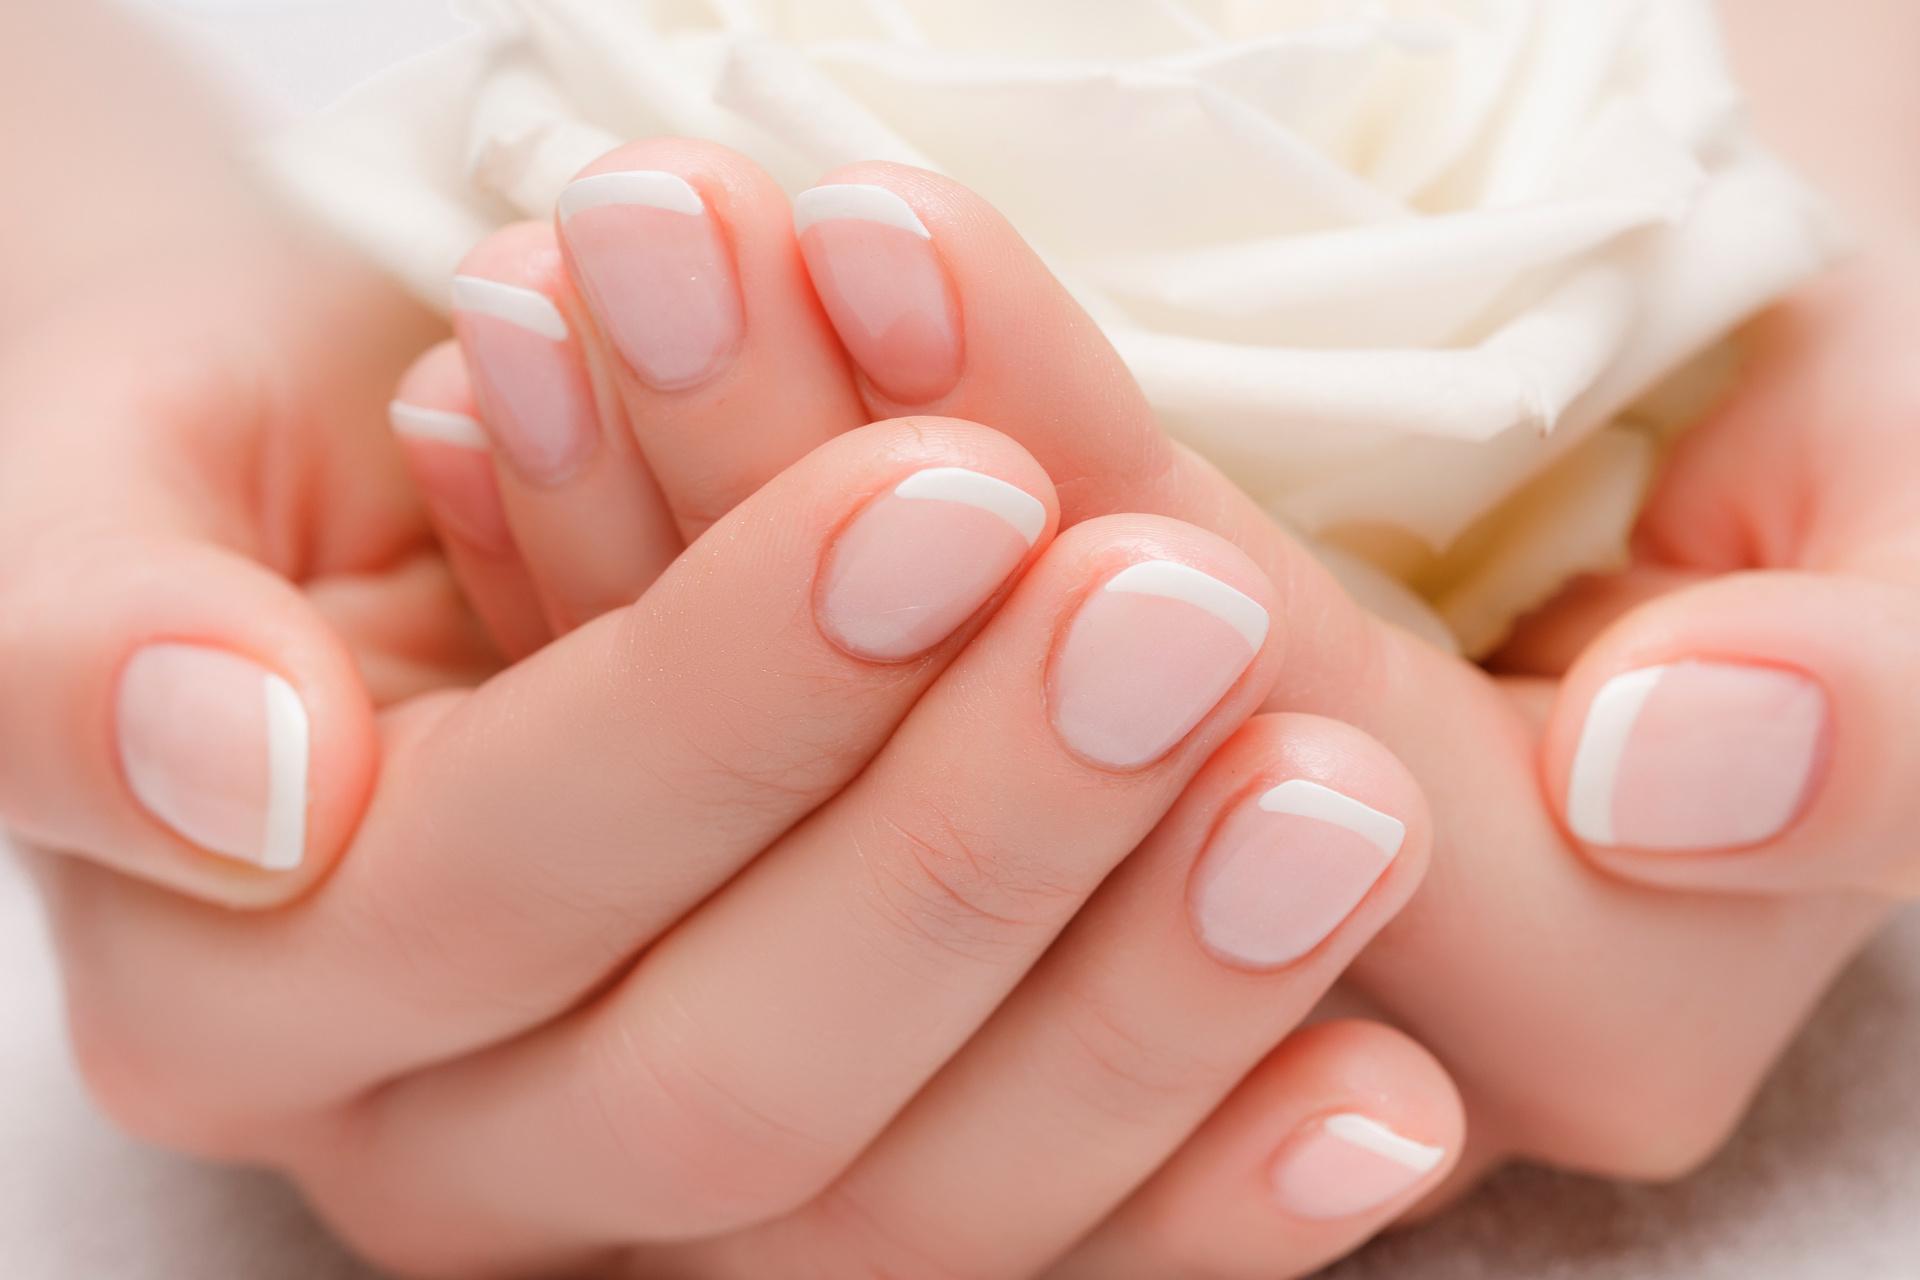 Piękne dłonie z manicure francuski